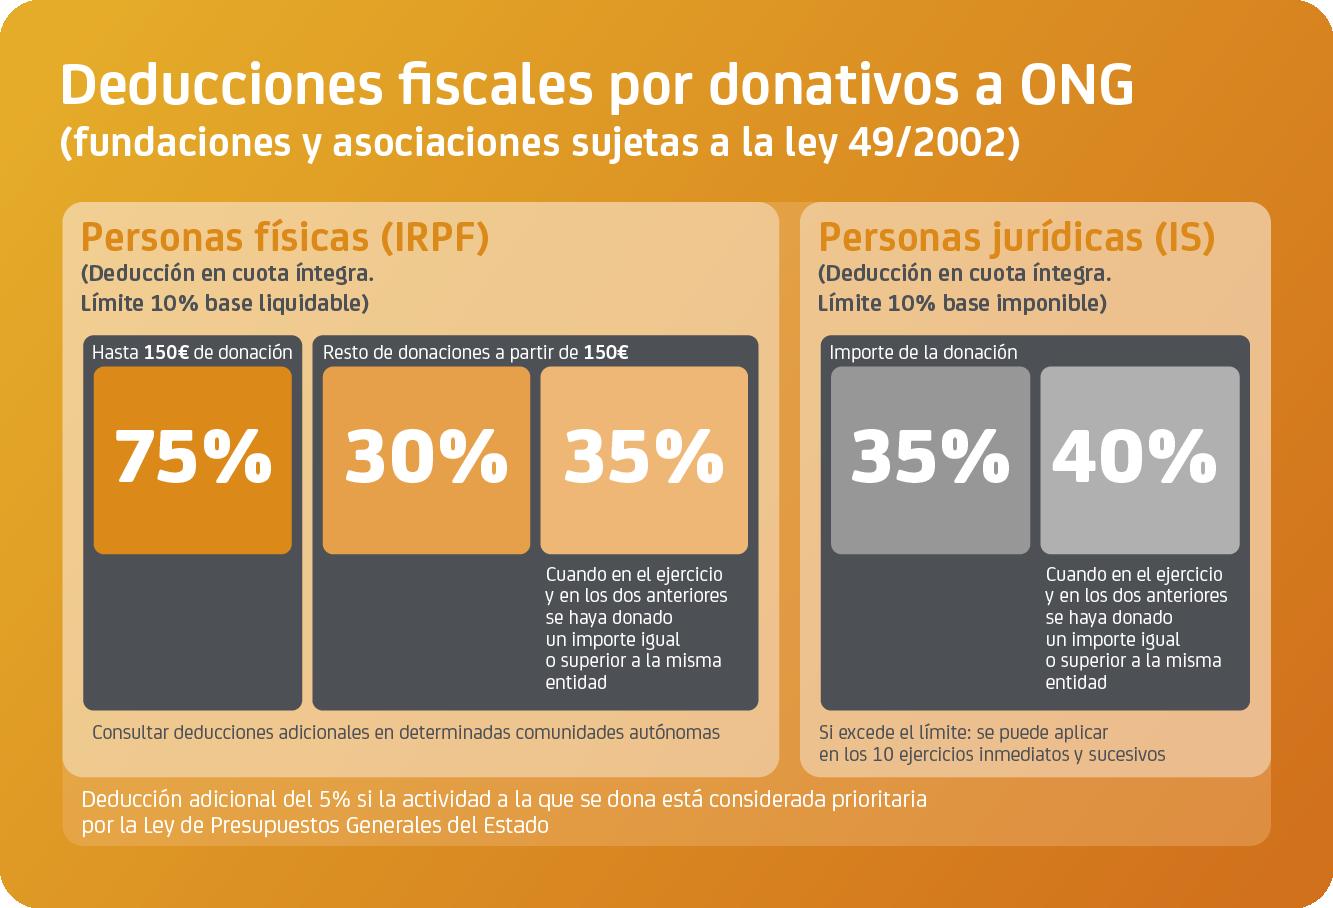 FL_Deducciones-fiscales_sin-Logo-01